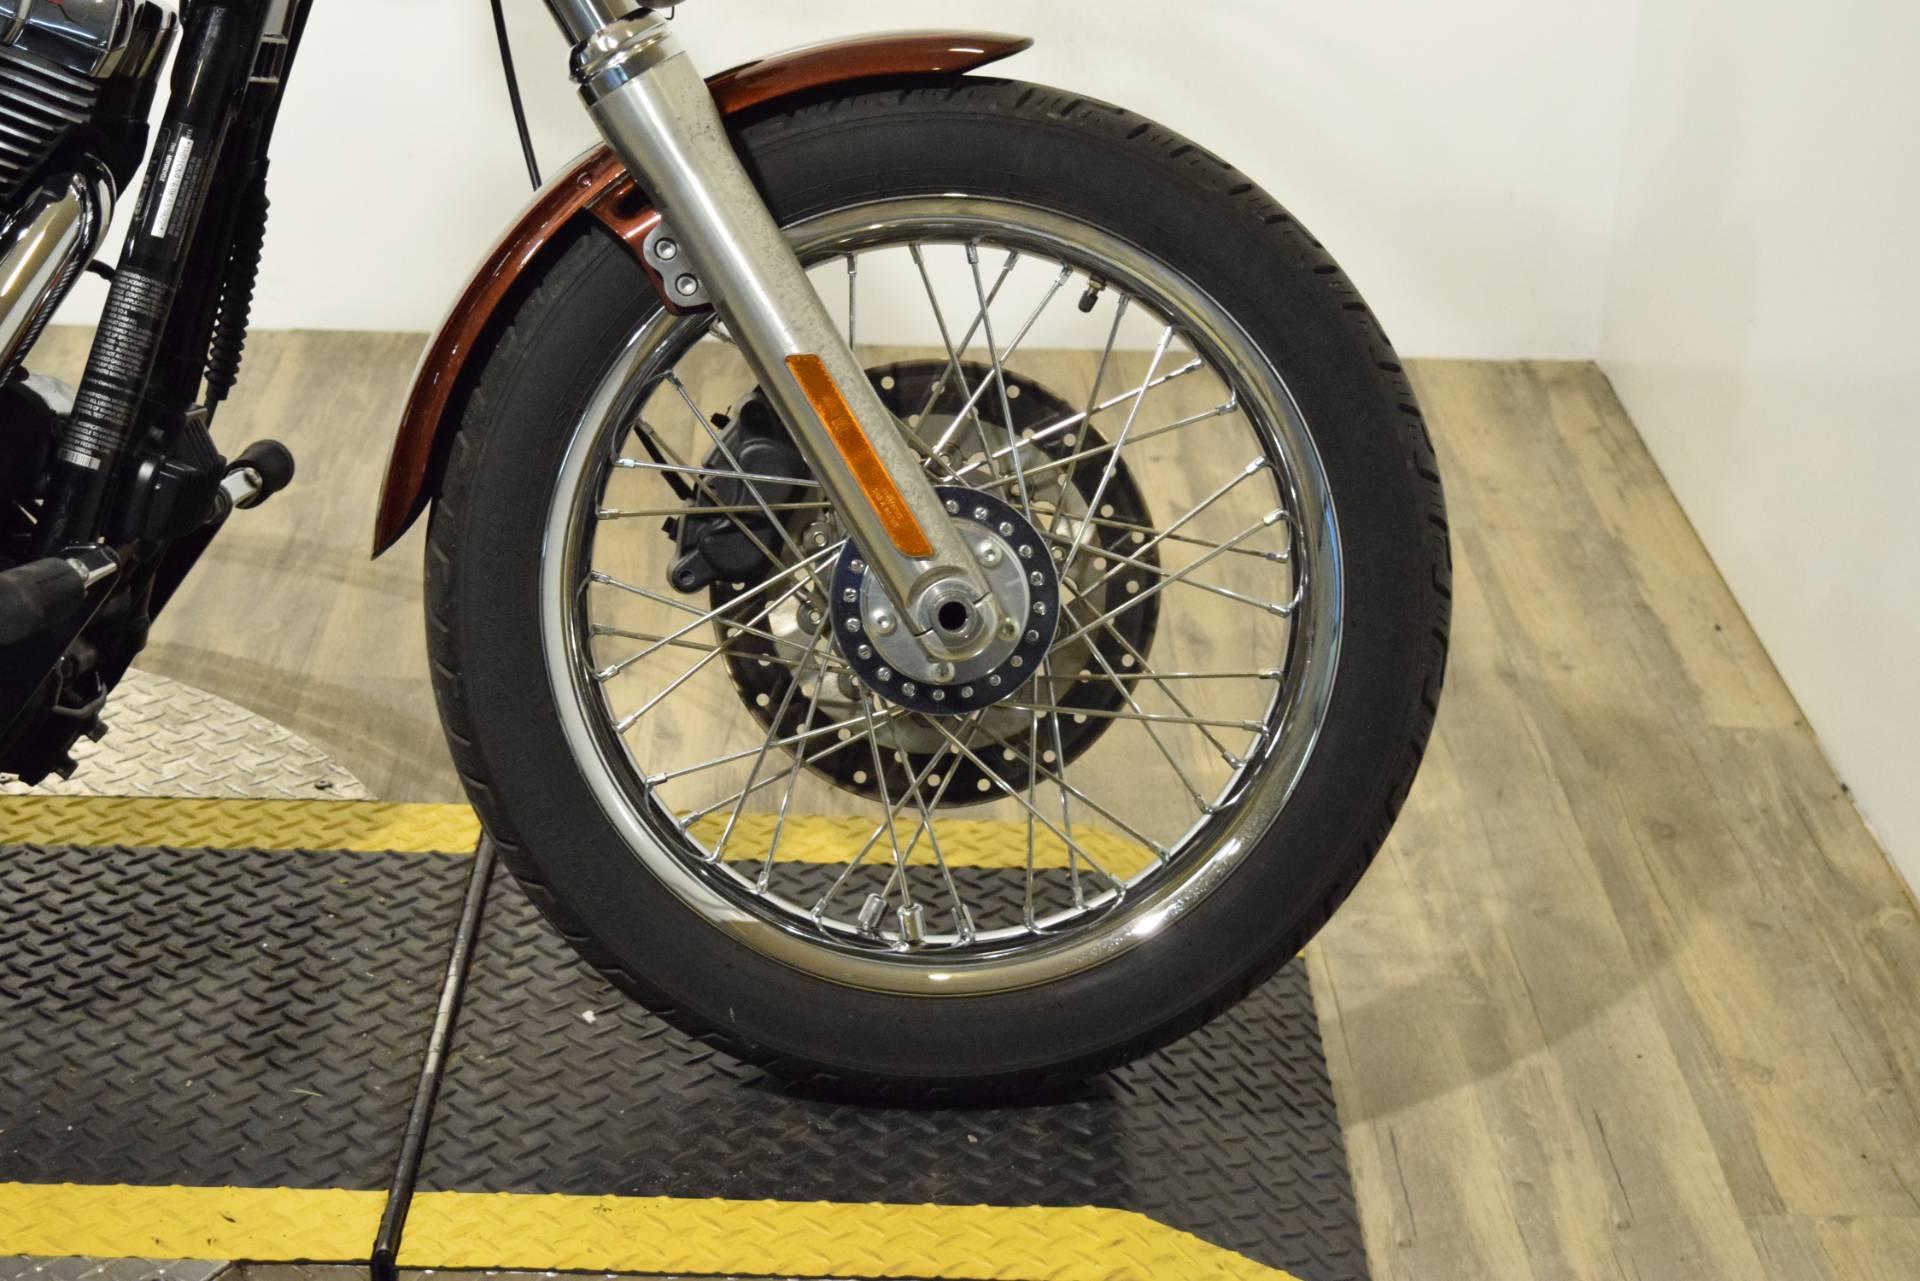 2009 Harley-Davidson Dyna Low Rider 2